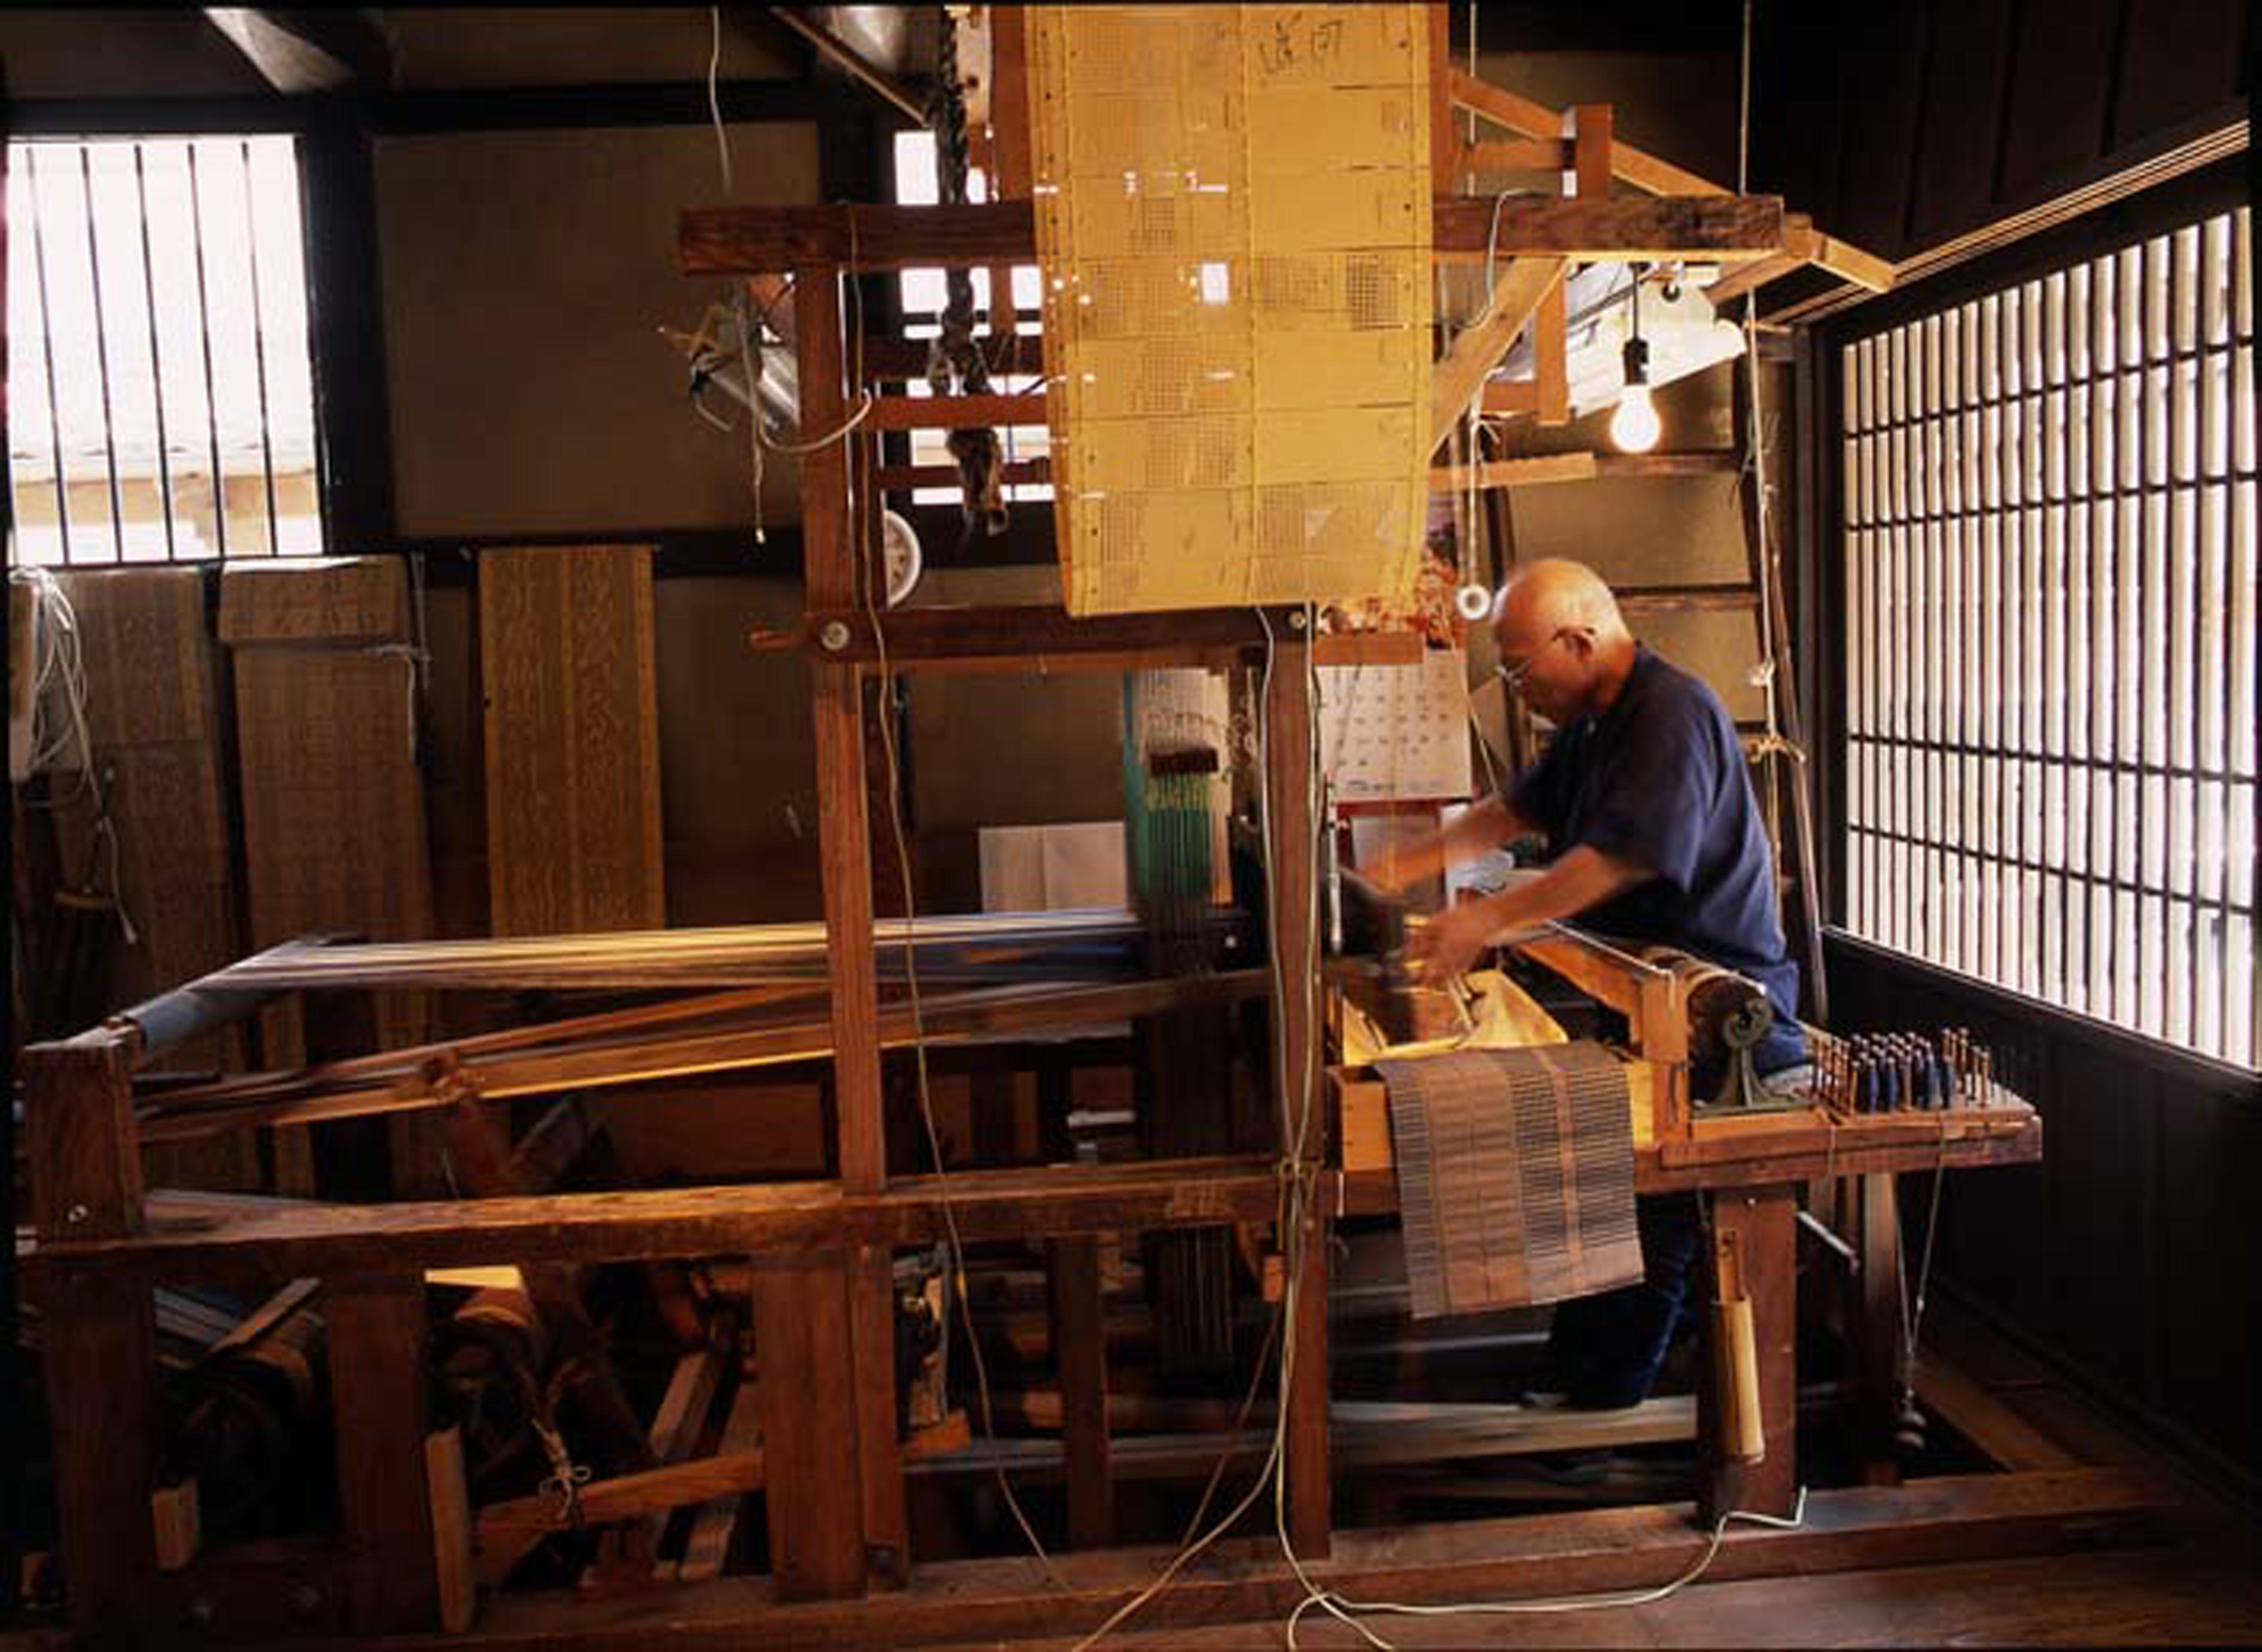 ふるさと館・手織りによる博多織の実演(撮影年不明)の画像